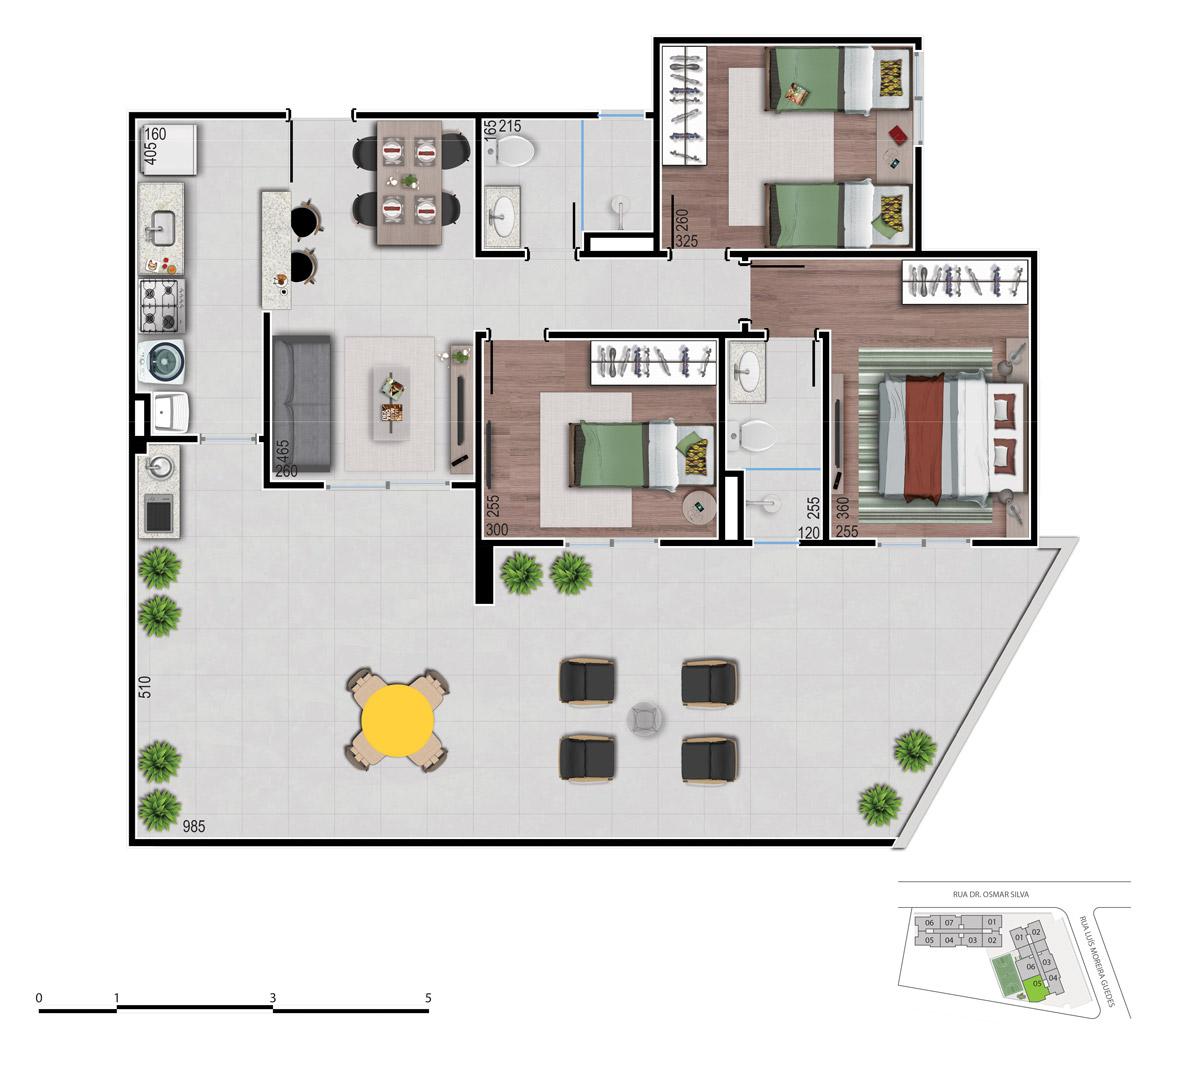 Planta dos apartamentos 3 quartos - bom pastor 360